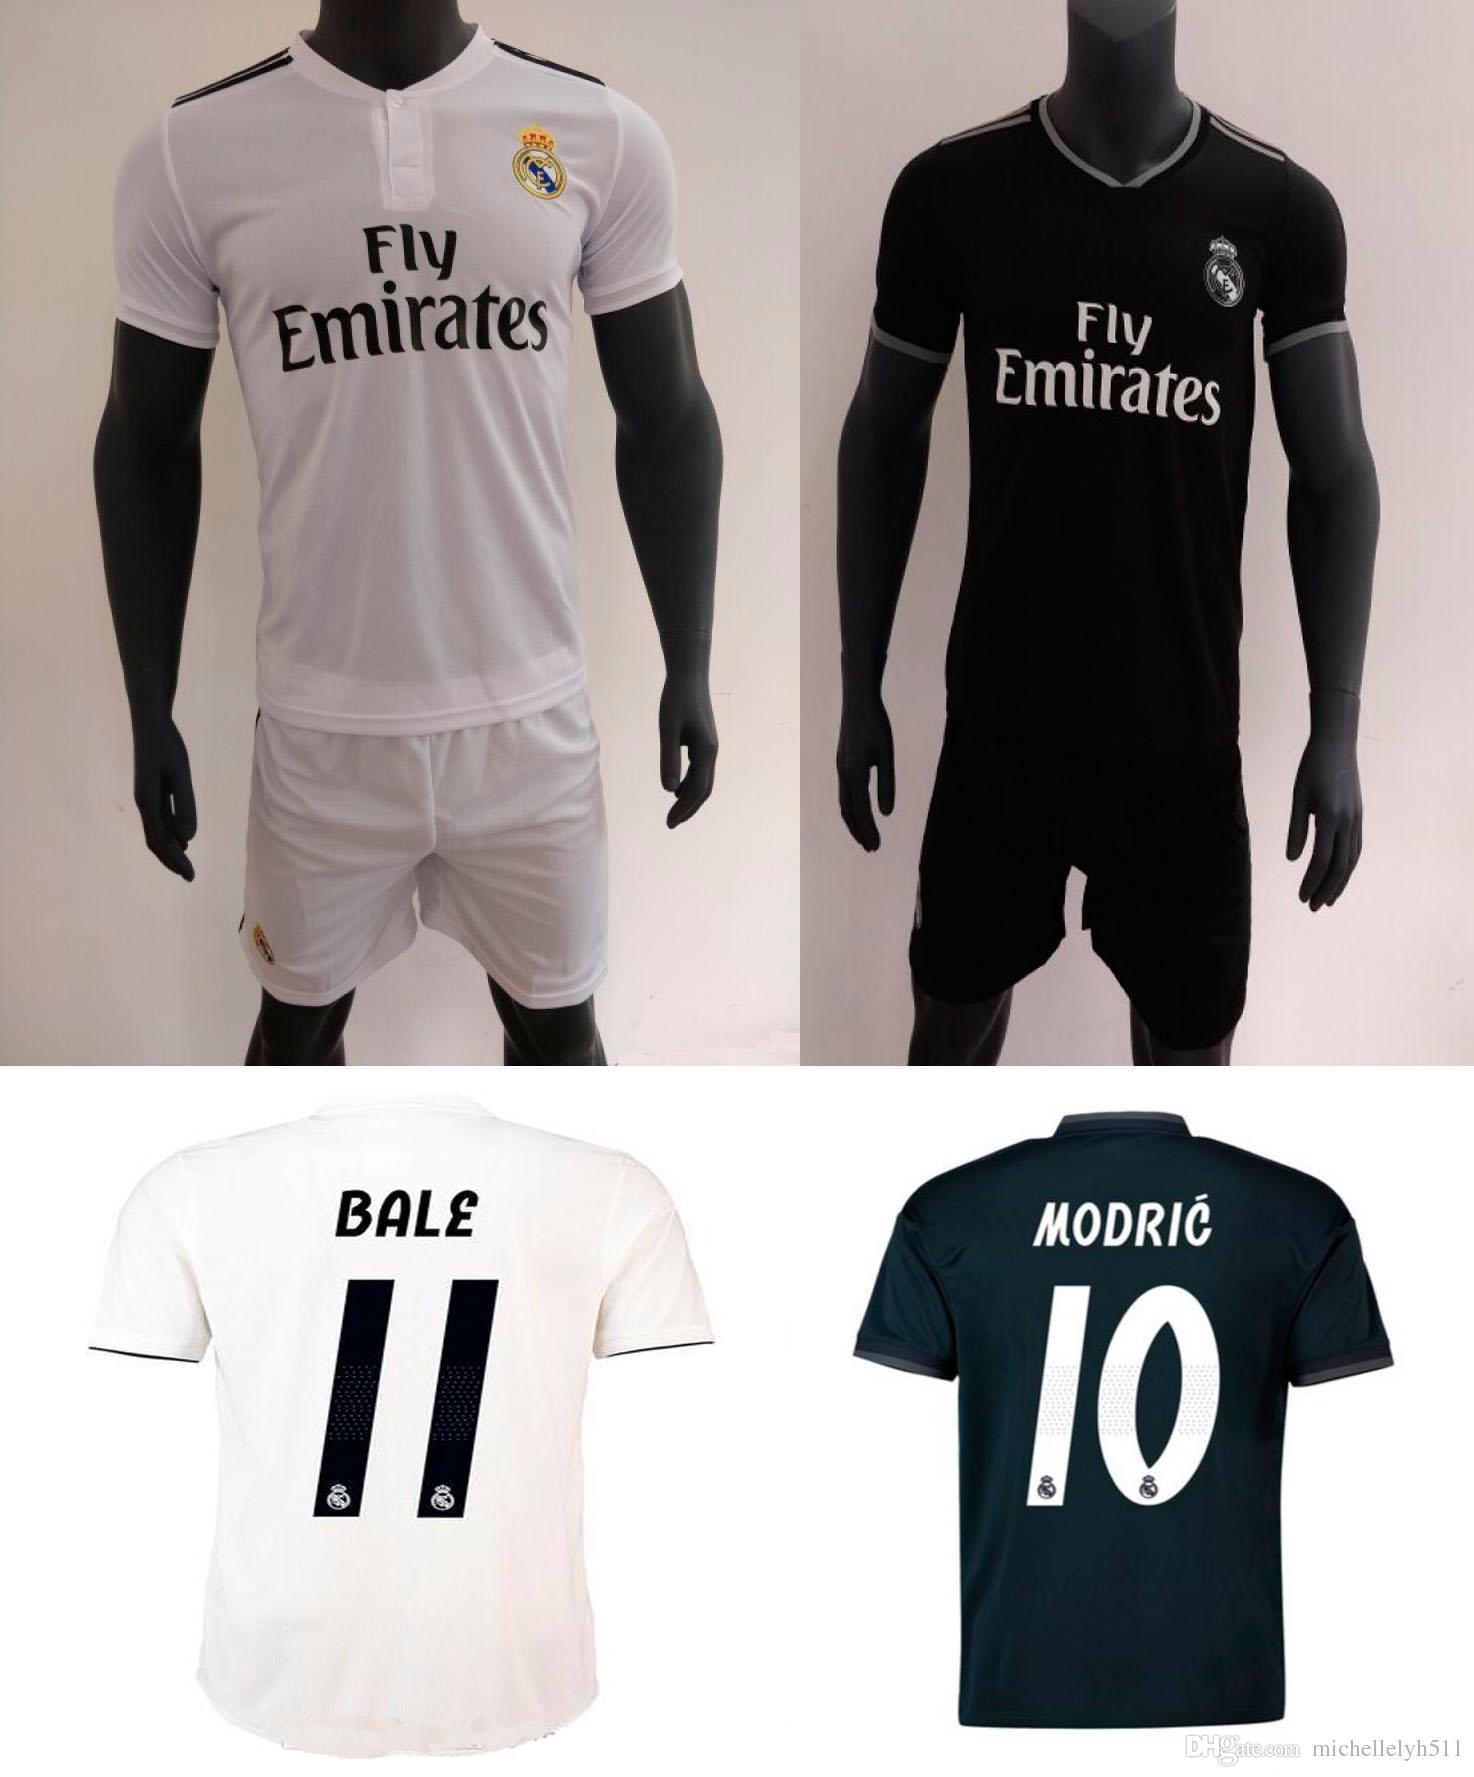 b20505d65588d Compre 18 19 Real Madrid Casa Fora De Futebol Jersey Shorts 2018 2019  Ronaldo ASENSIO Bale Kroos Kits De Futebol ISCO Camiseta De Fútbol Camisa De  Futebol ...